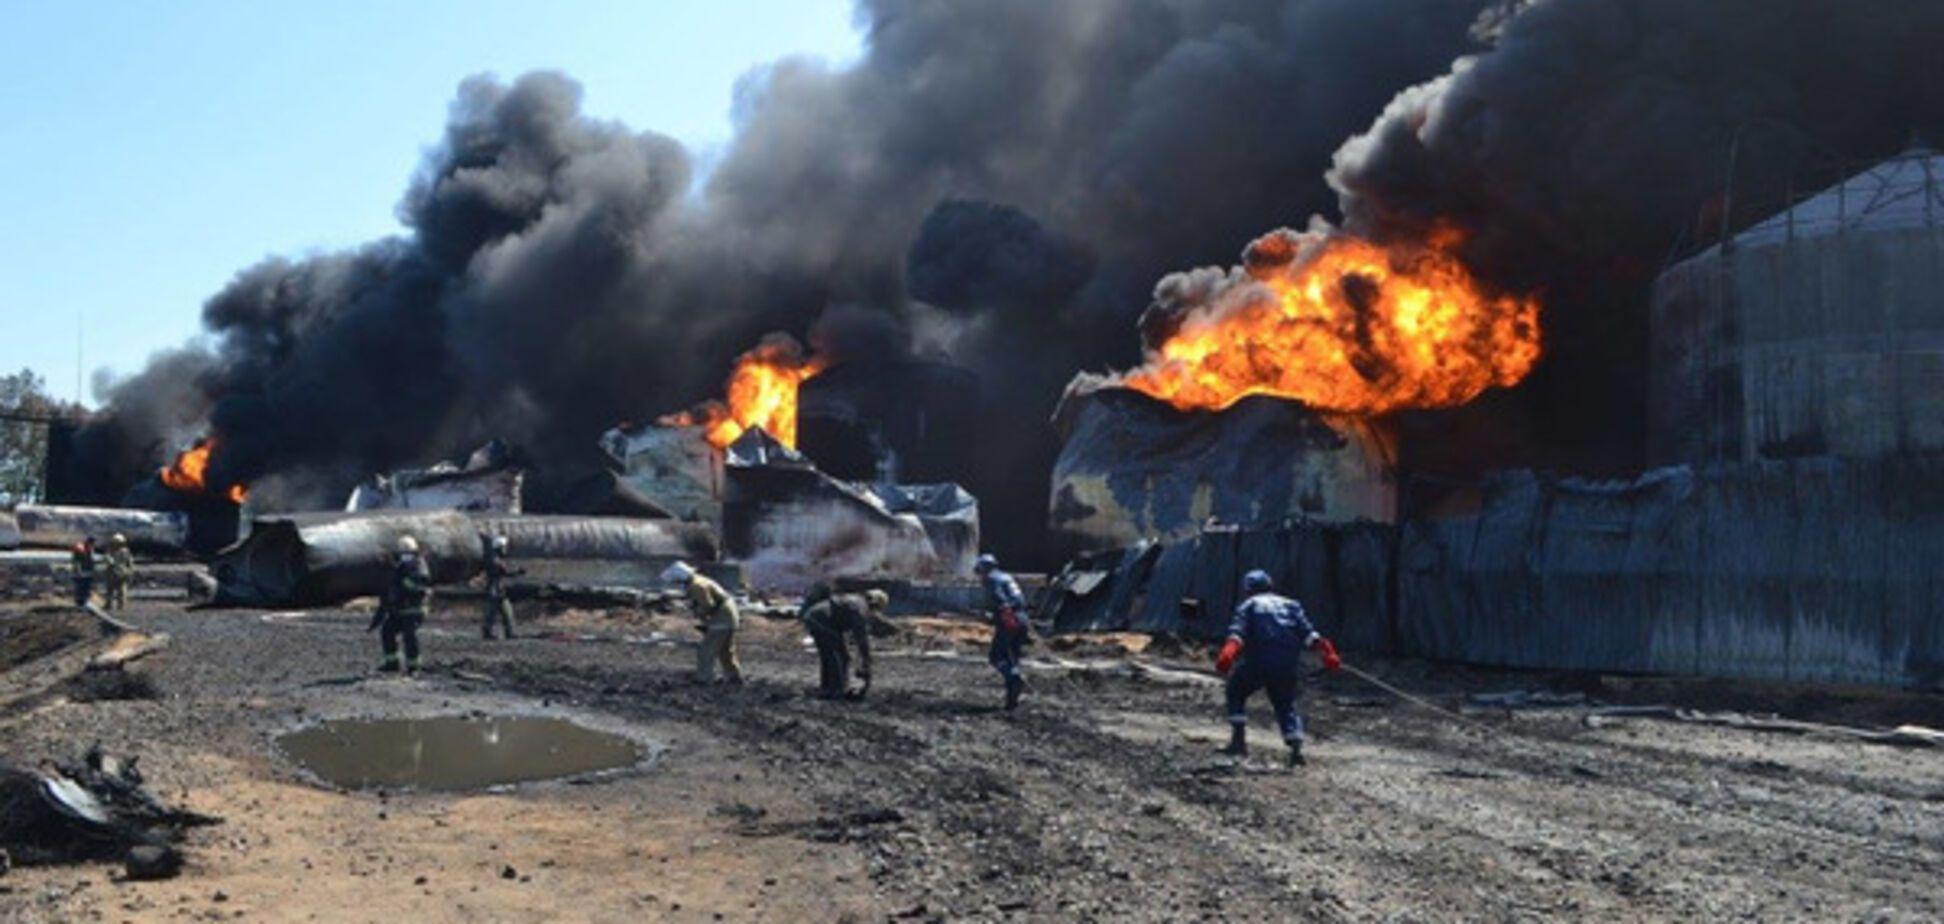 Трагедія на нафтобазі БРСМ: з'явилися подробиці махінацій і розслідування справи